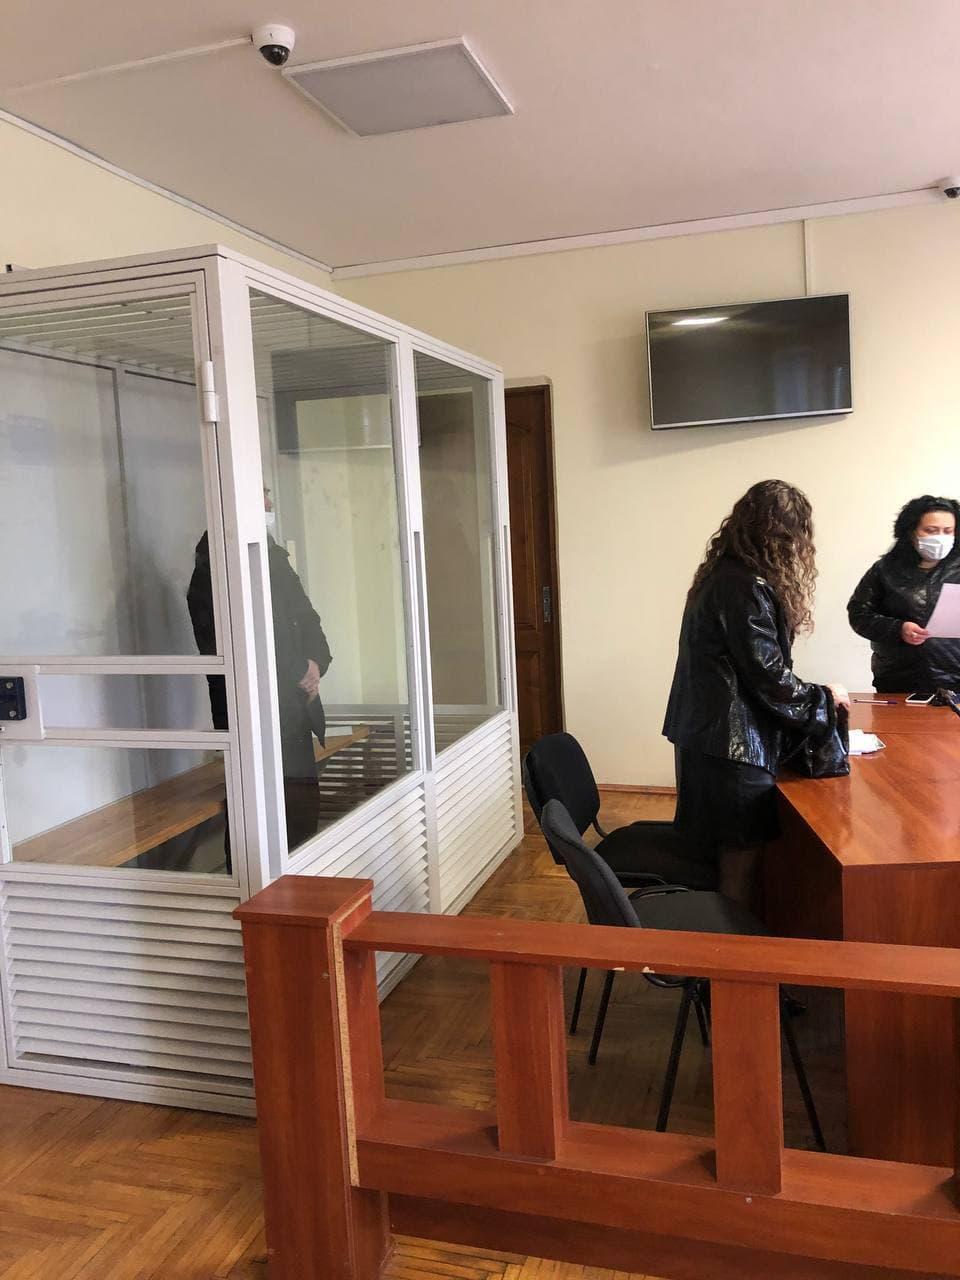 В Ужгороде судили тренера-педофила, пристававшего к 14-летней девочке: Известный приговор